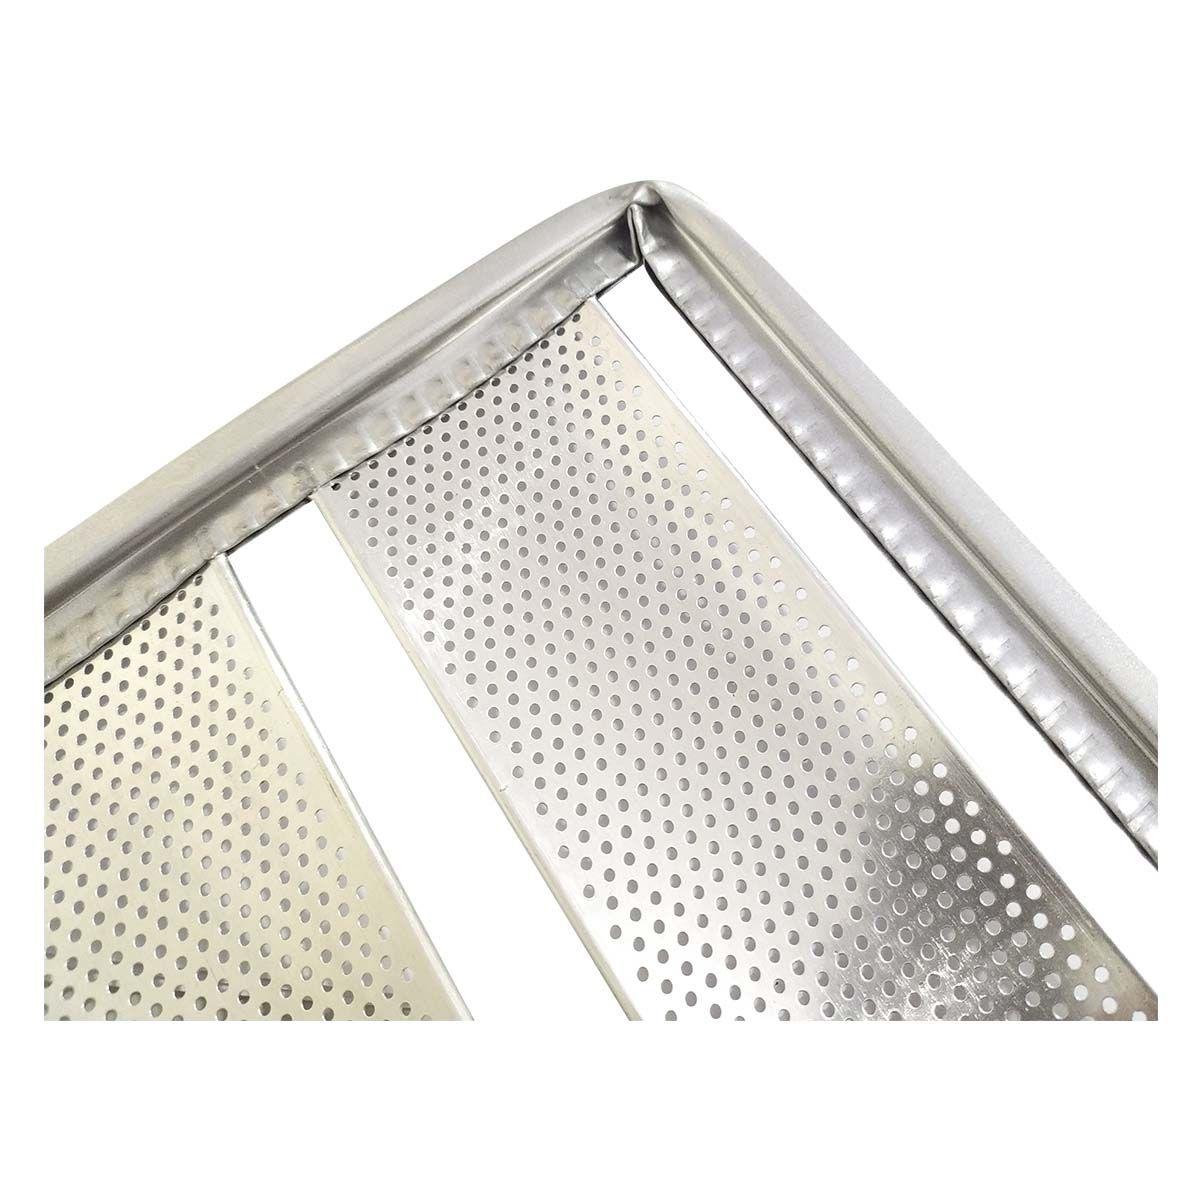 Assadeira De Pão Francês 58x70 Cm 5 Tiras Aluminol - Cainco